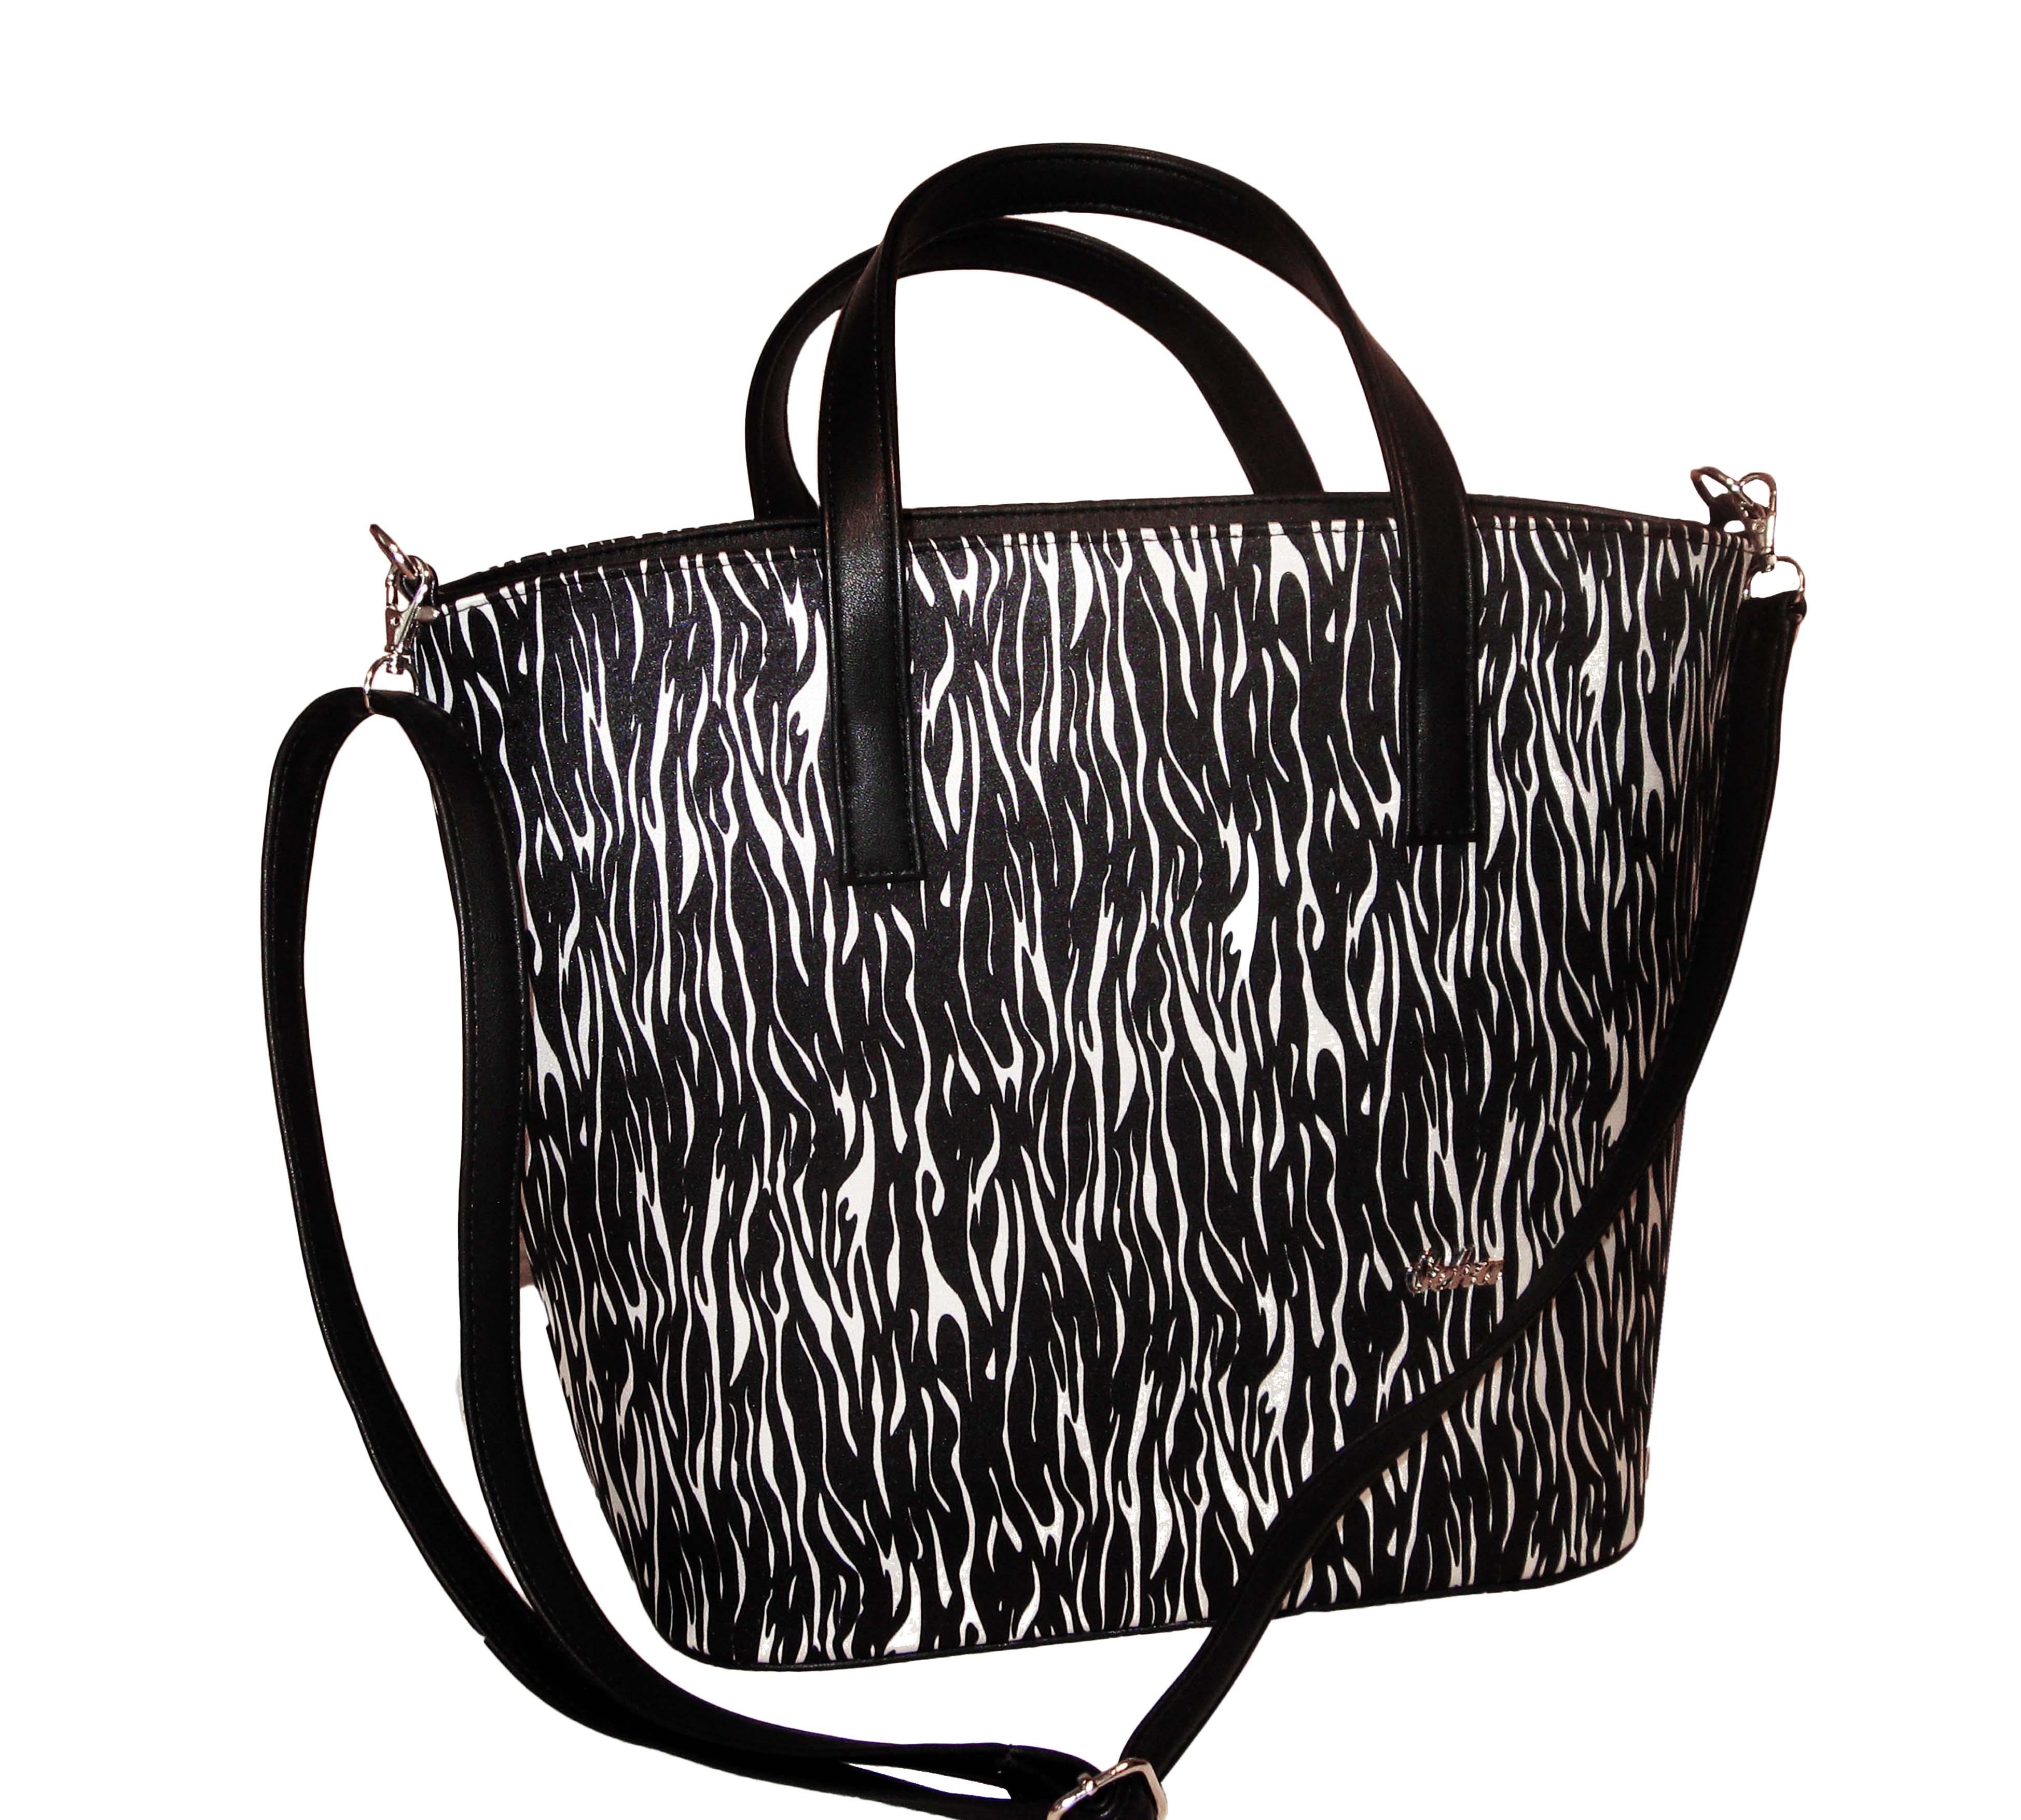 4d0ad9fcf0d1 Elegantní dámská kabelka černobílá značky Seka